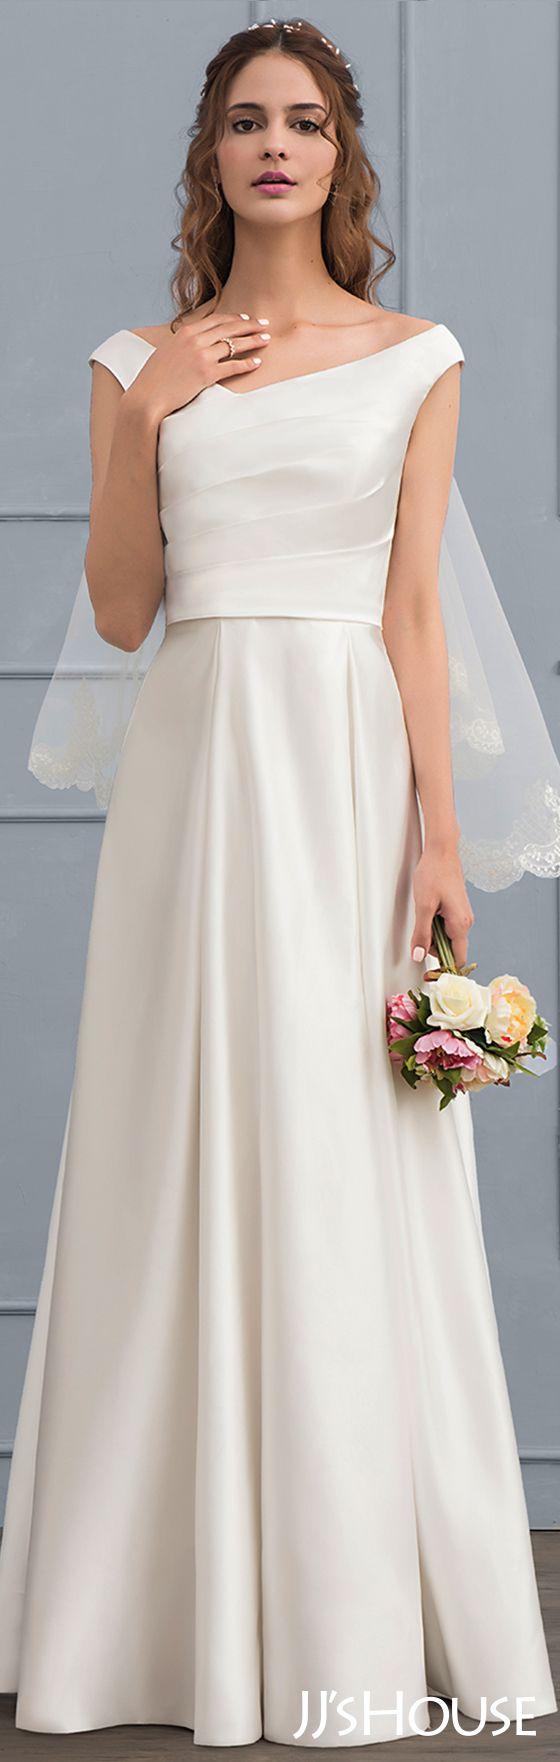 106 besten Hochzeitskleider Bilder auf Pinterest | Hochzeitskleid ...